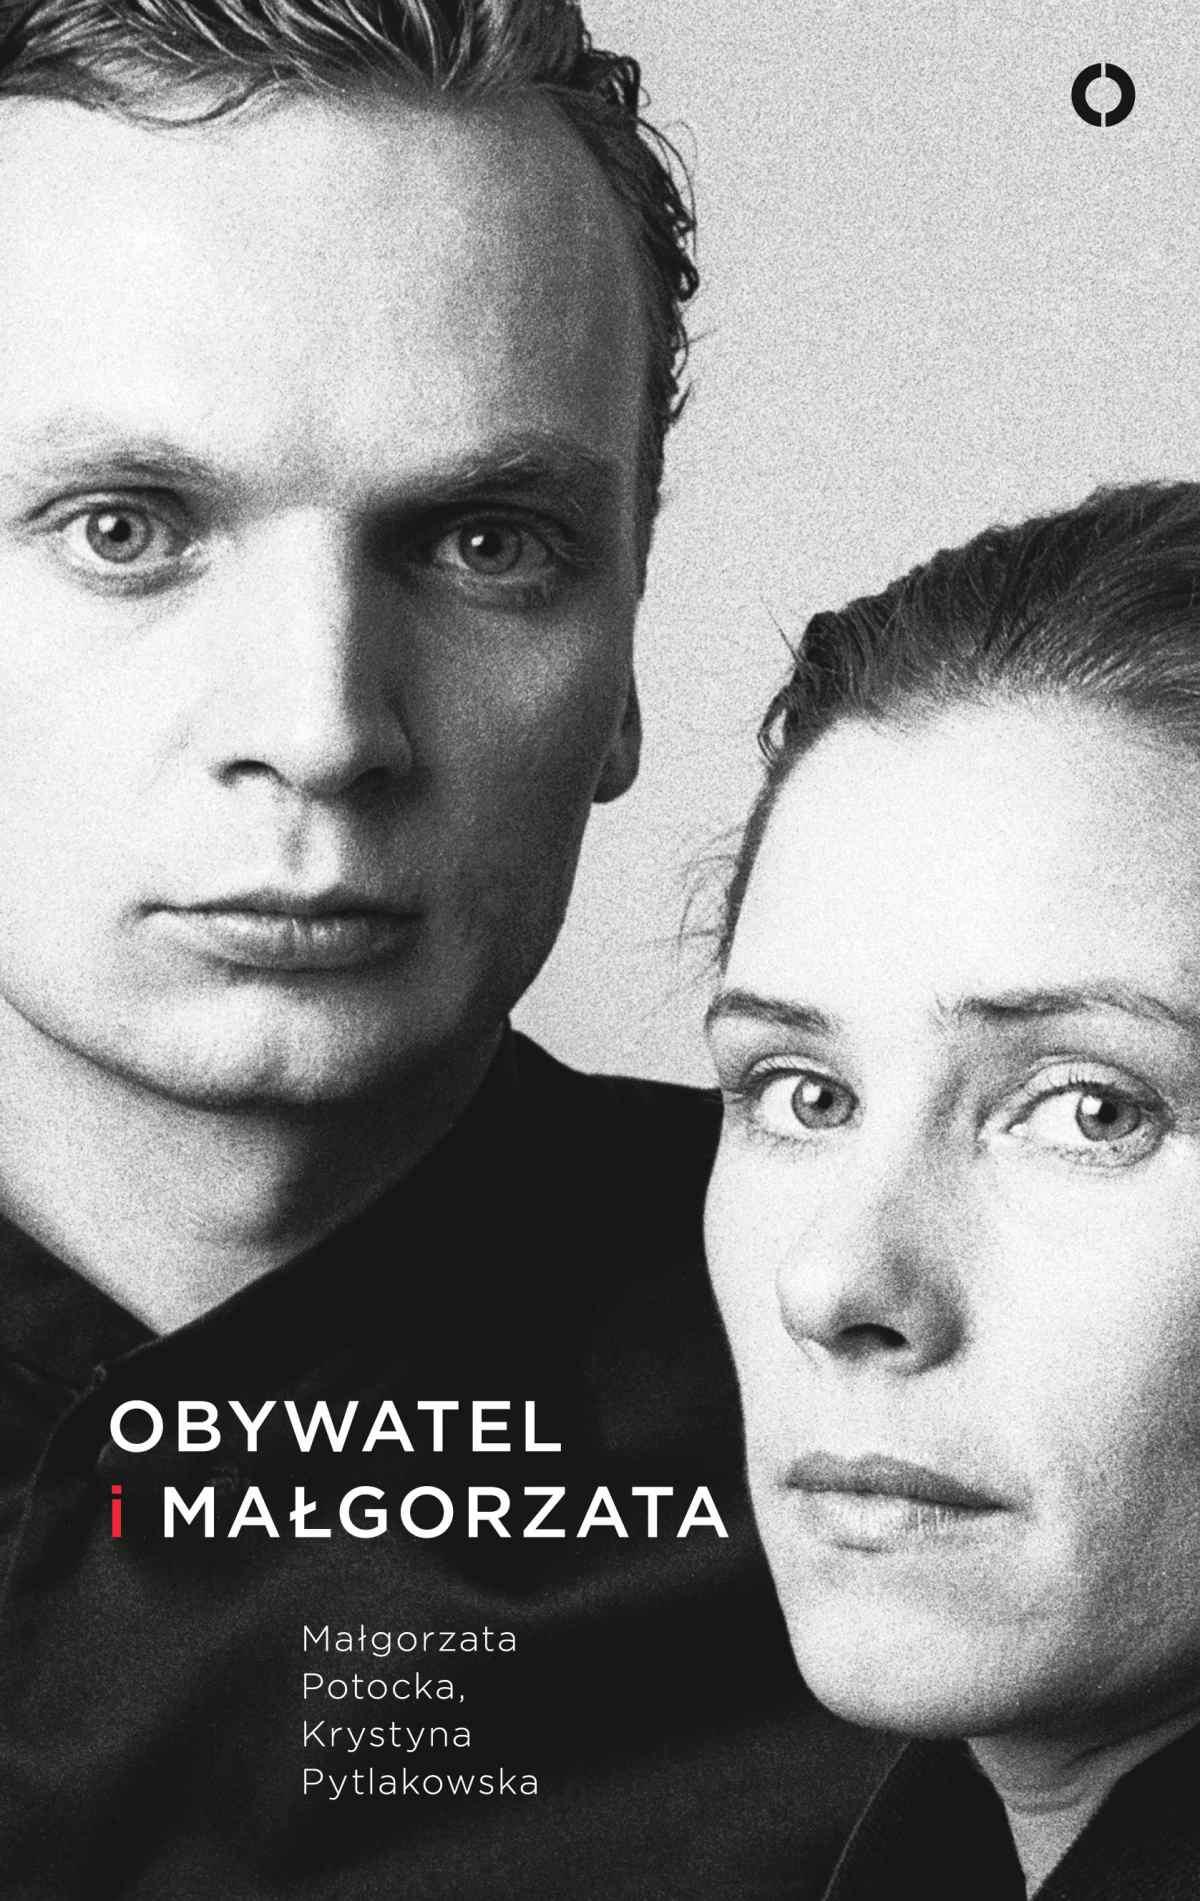 Obywatel i Małgorzata - Ebook (Książka EPUB) do pobrania w formacie EPUB